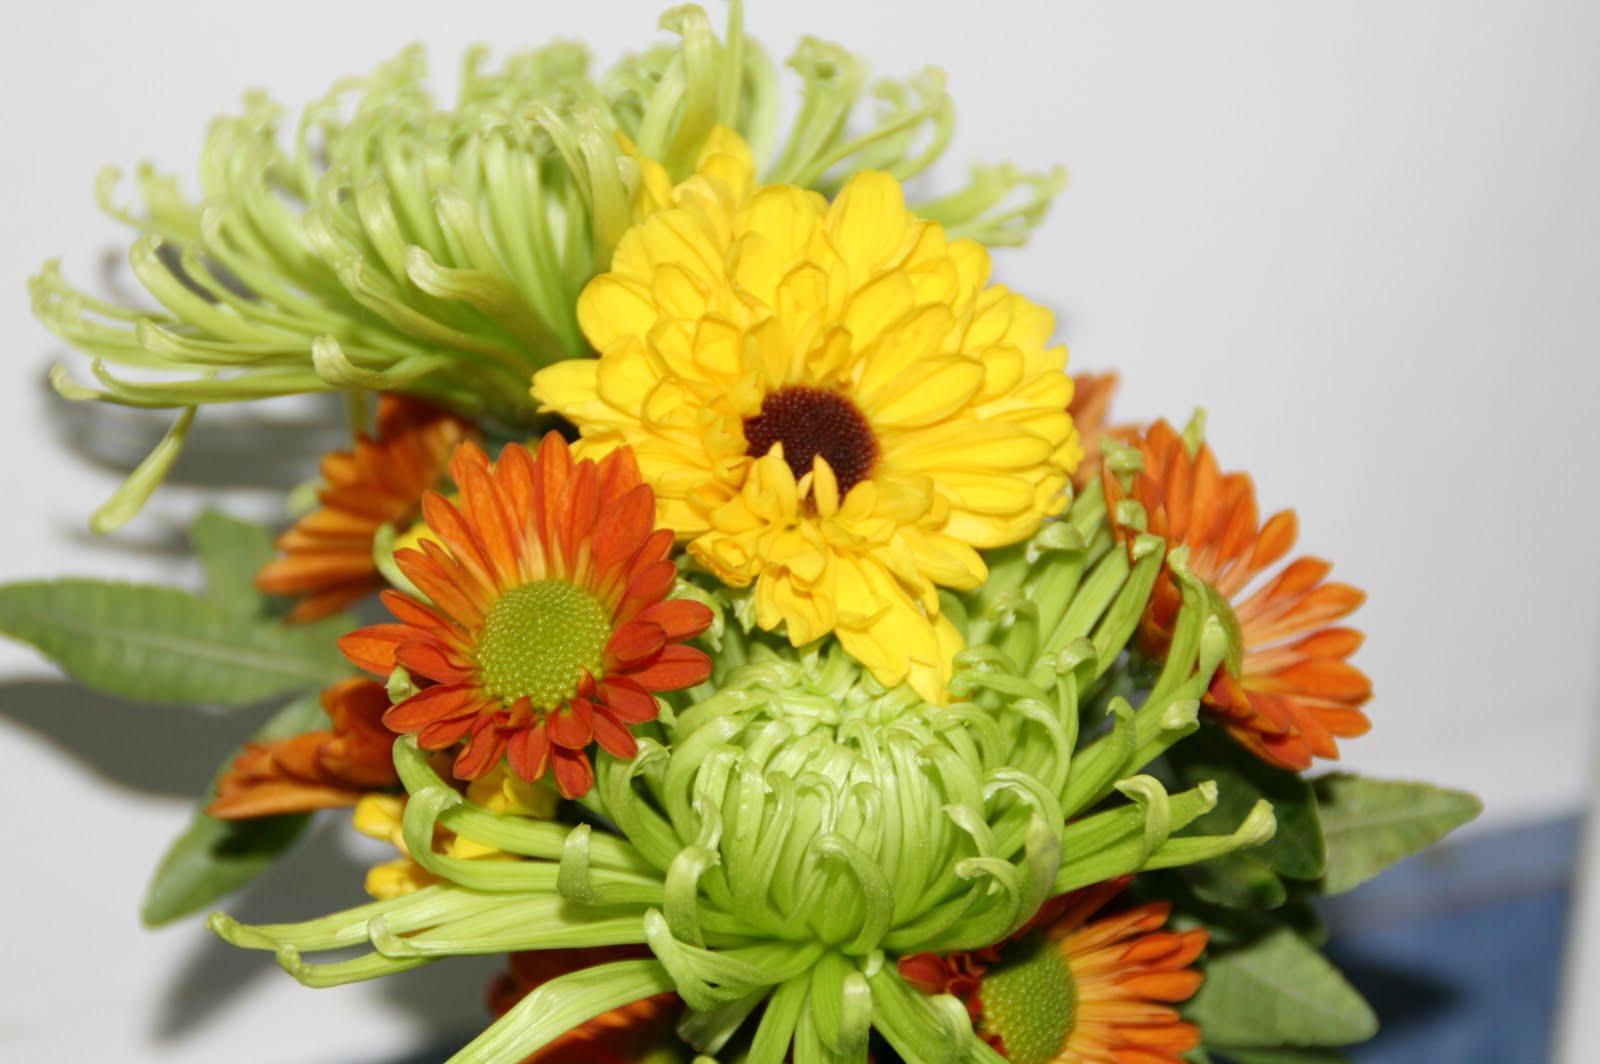 Gorgeous Safeway Flowers Wedding Pics Designs – Dievoon